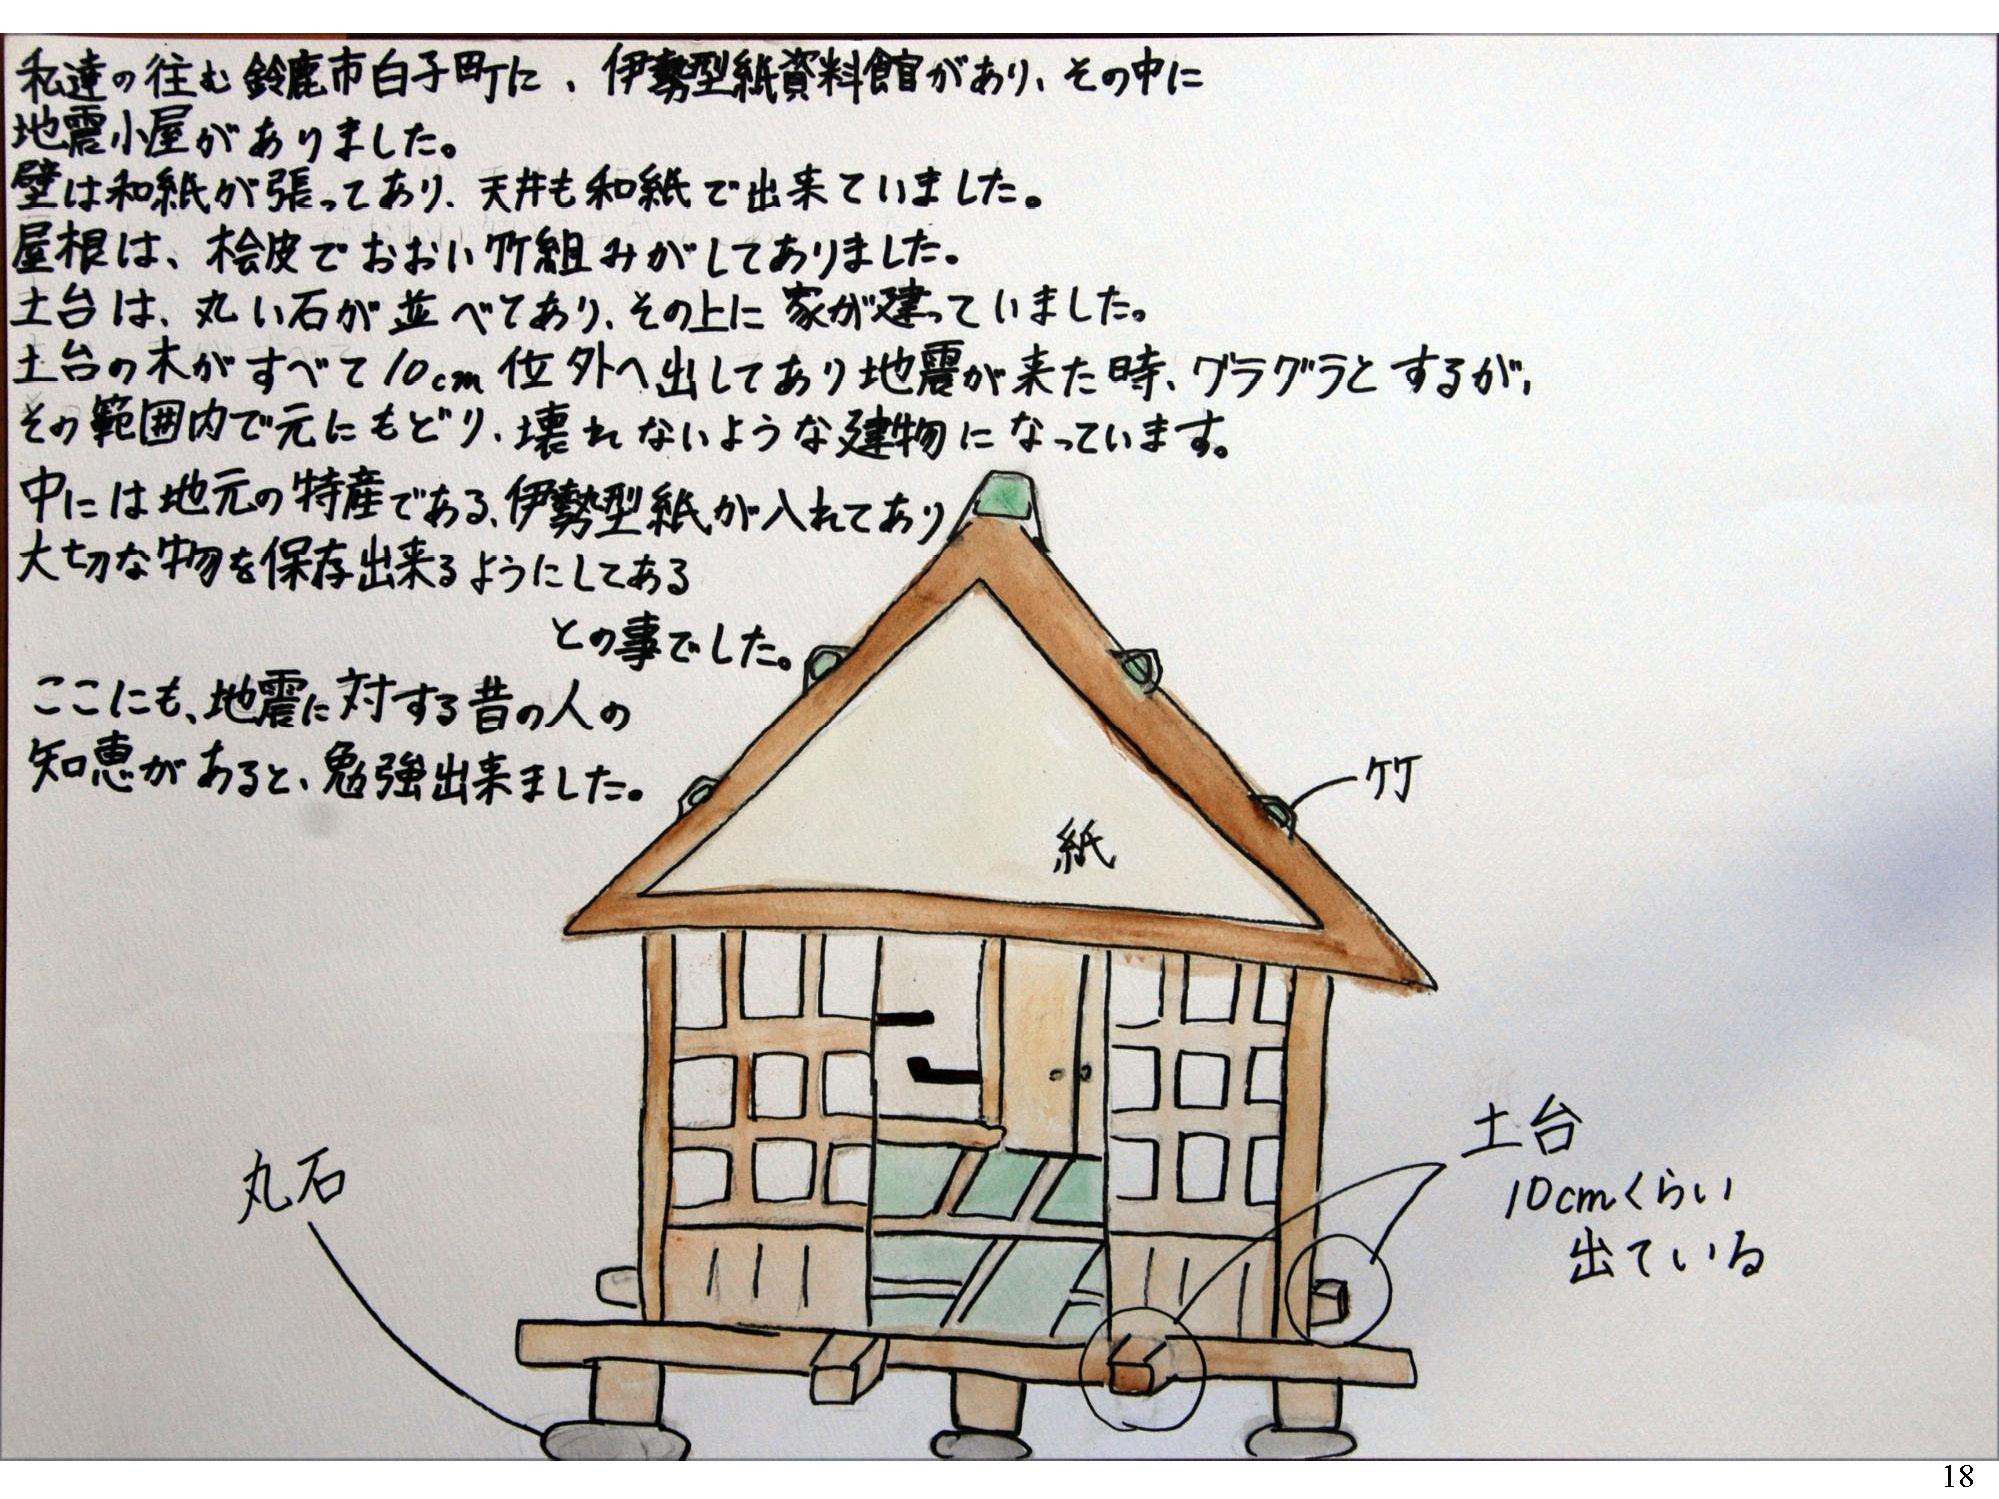 kamisibai-03_ページ_18